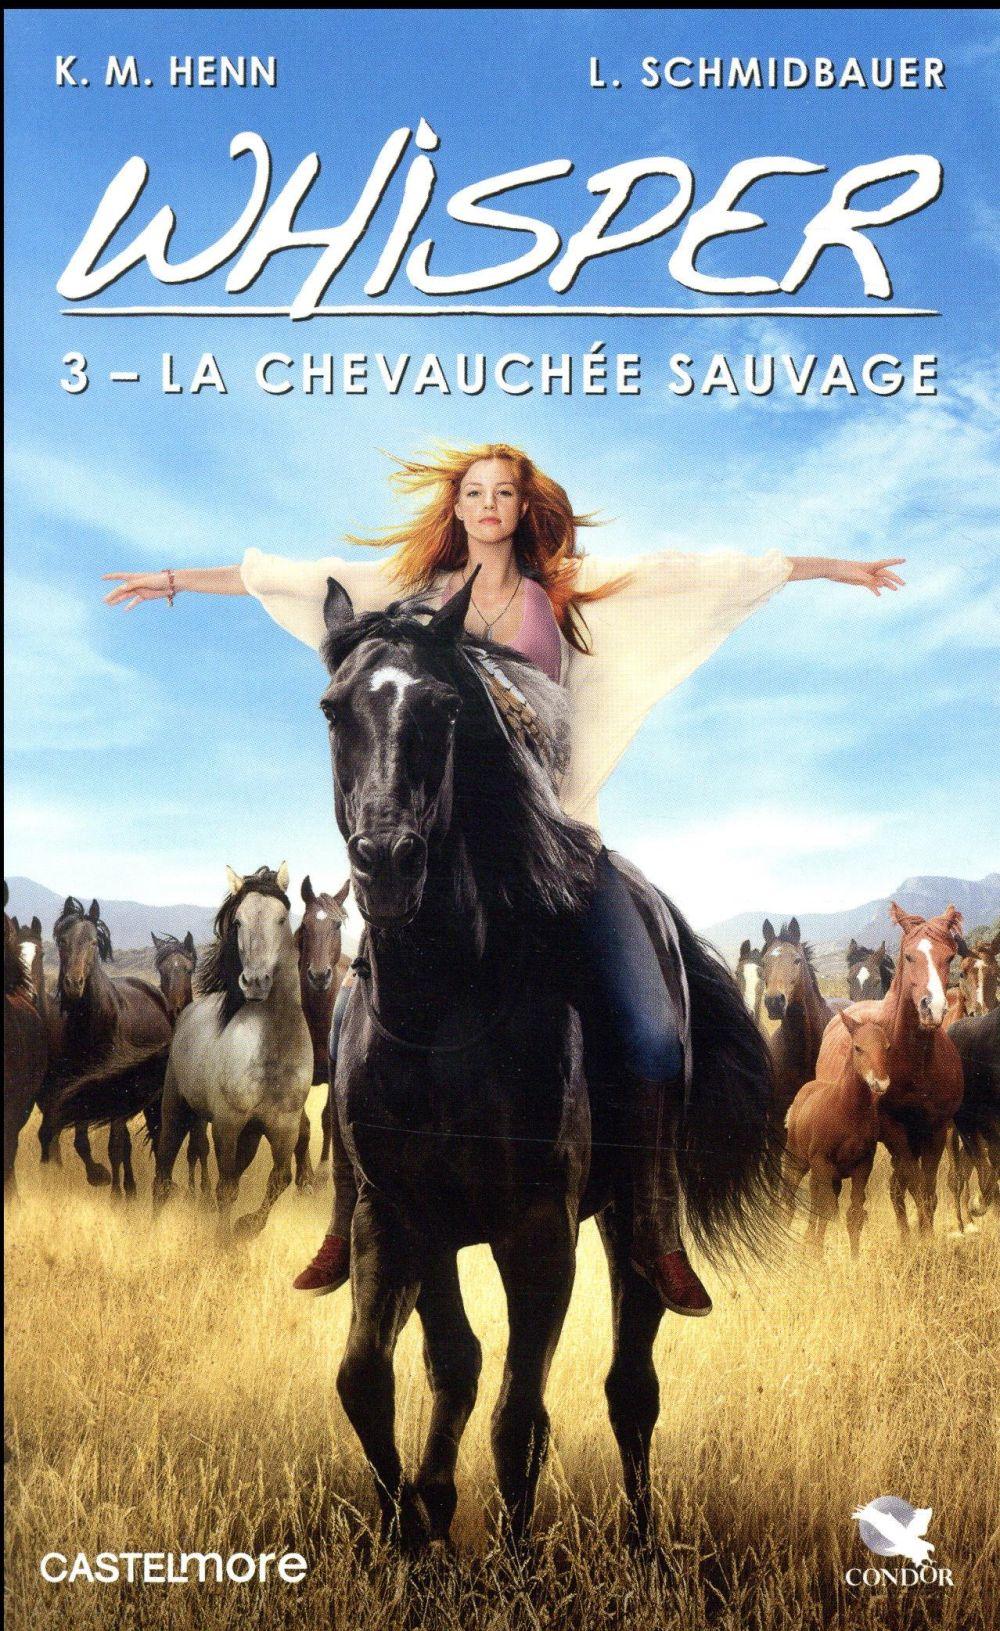 WHISPER, T3 : LA CHEVAUCHEE SAUVAGE